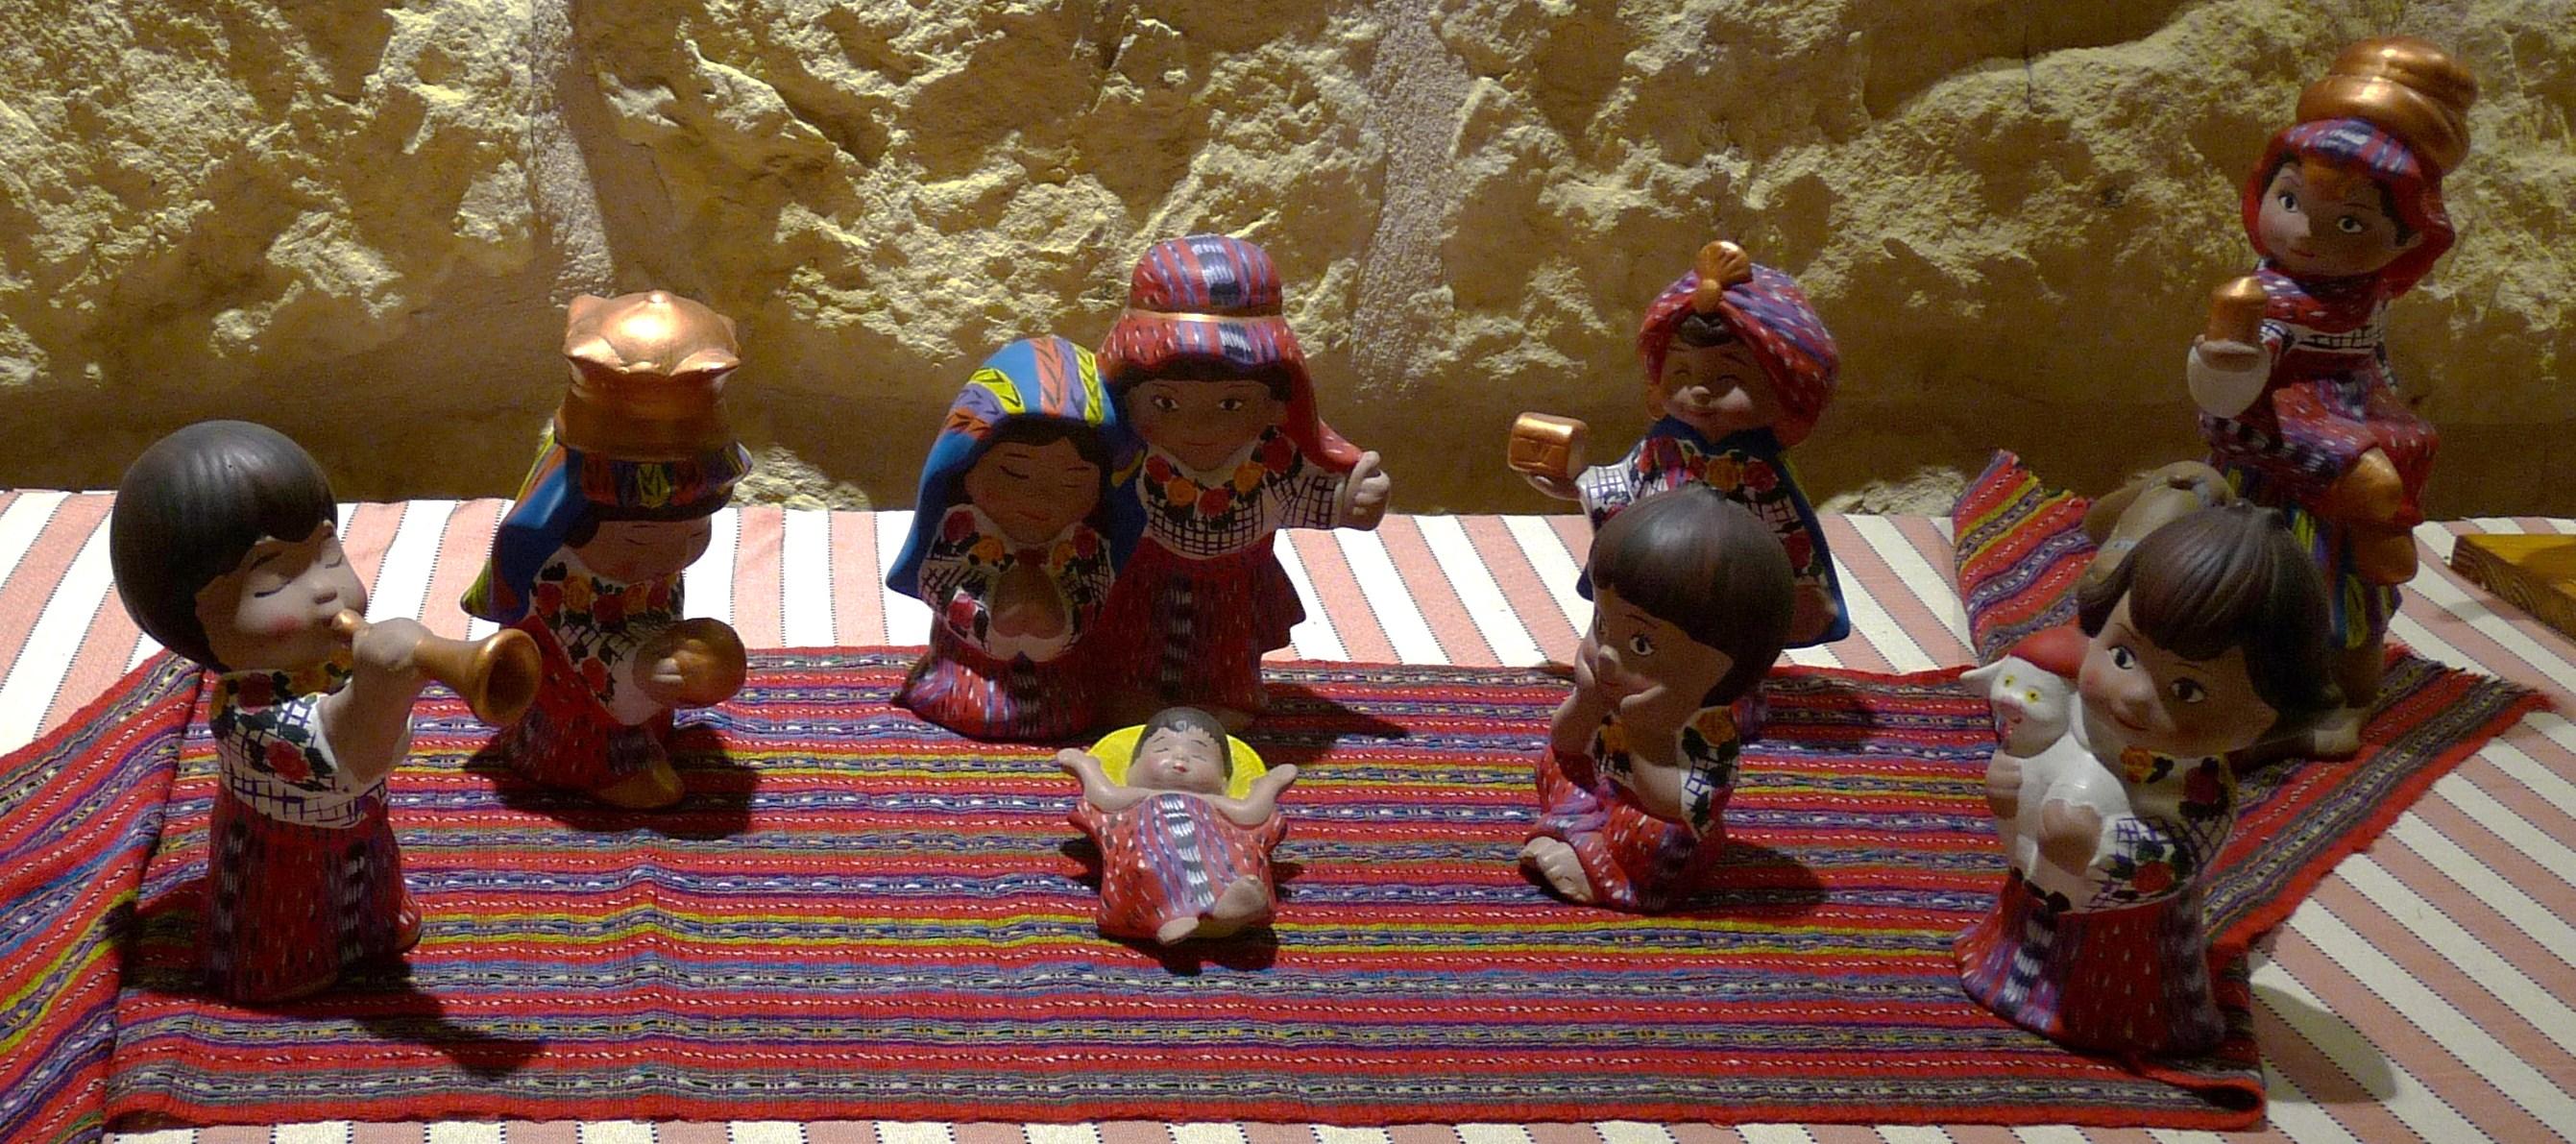 Presepju tal-Guatemala.JPG